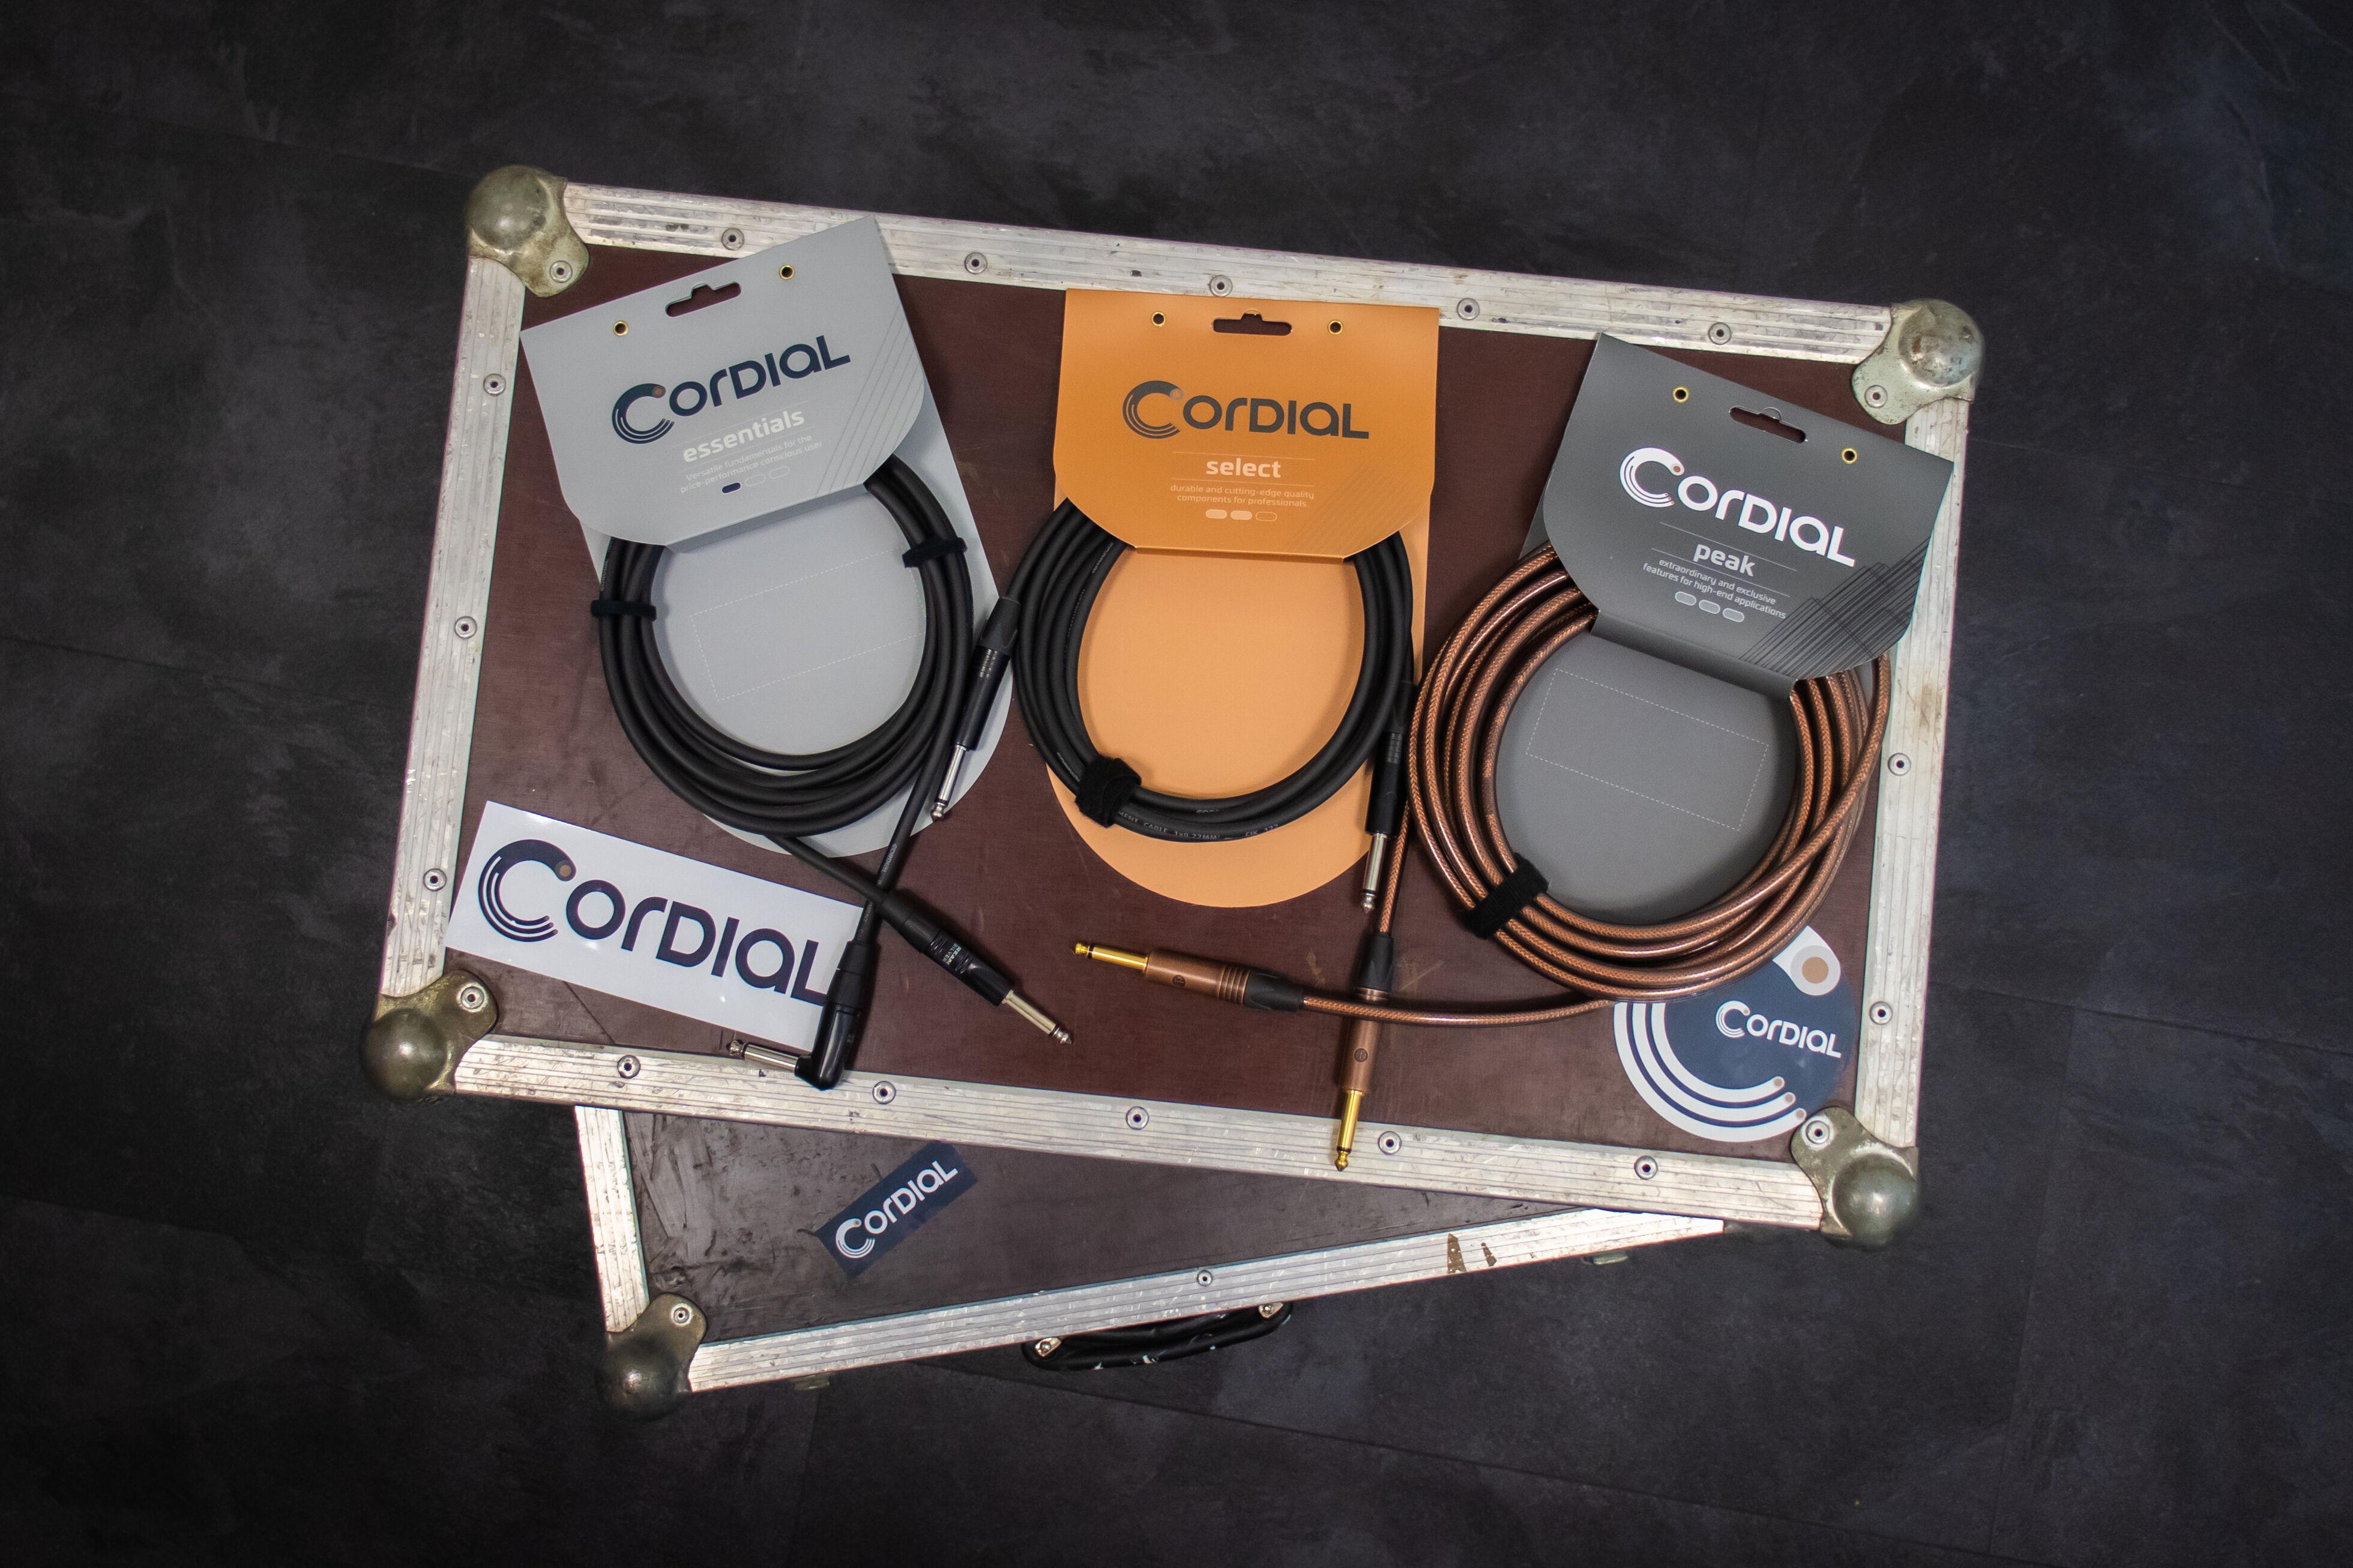 Patchkabel 3,5mm Mono-Klinke CORDIAL CPI 1,2 ZZ